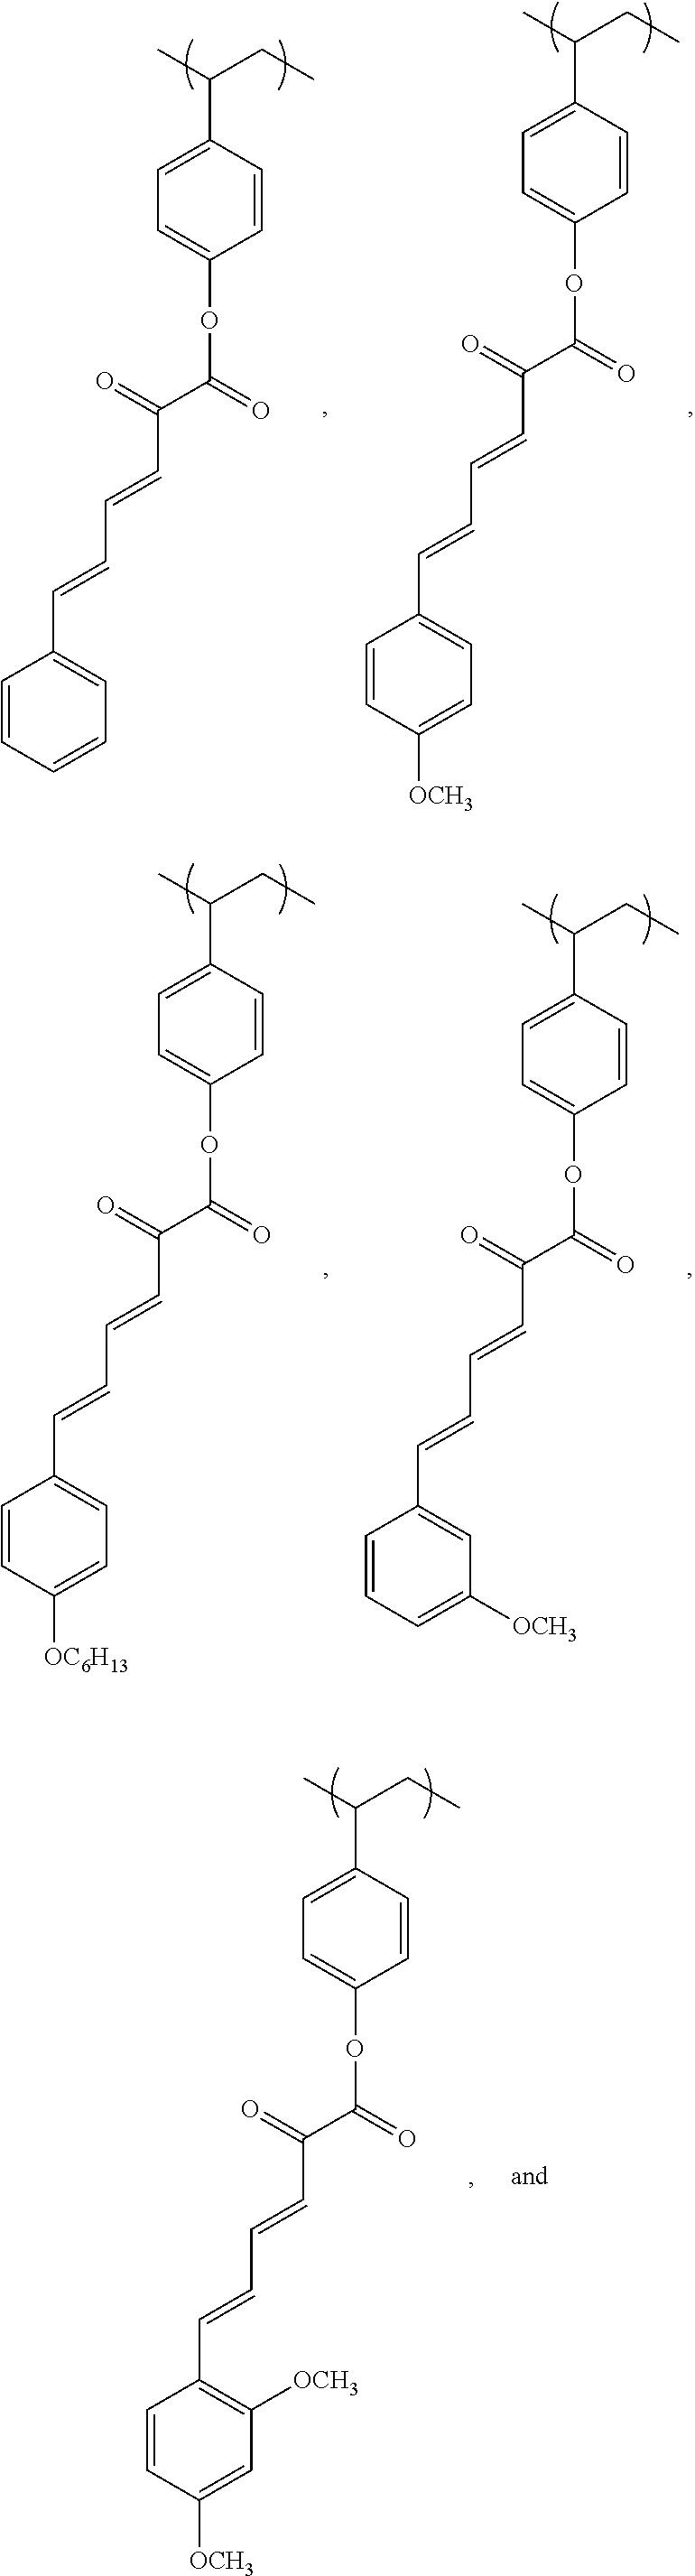 Figure US08878169-20141104-C00068